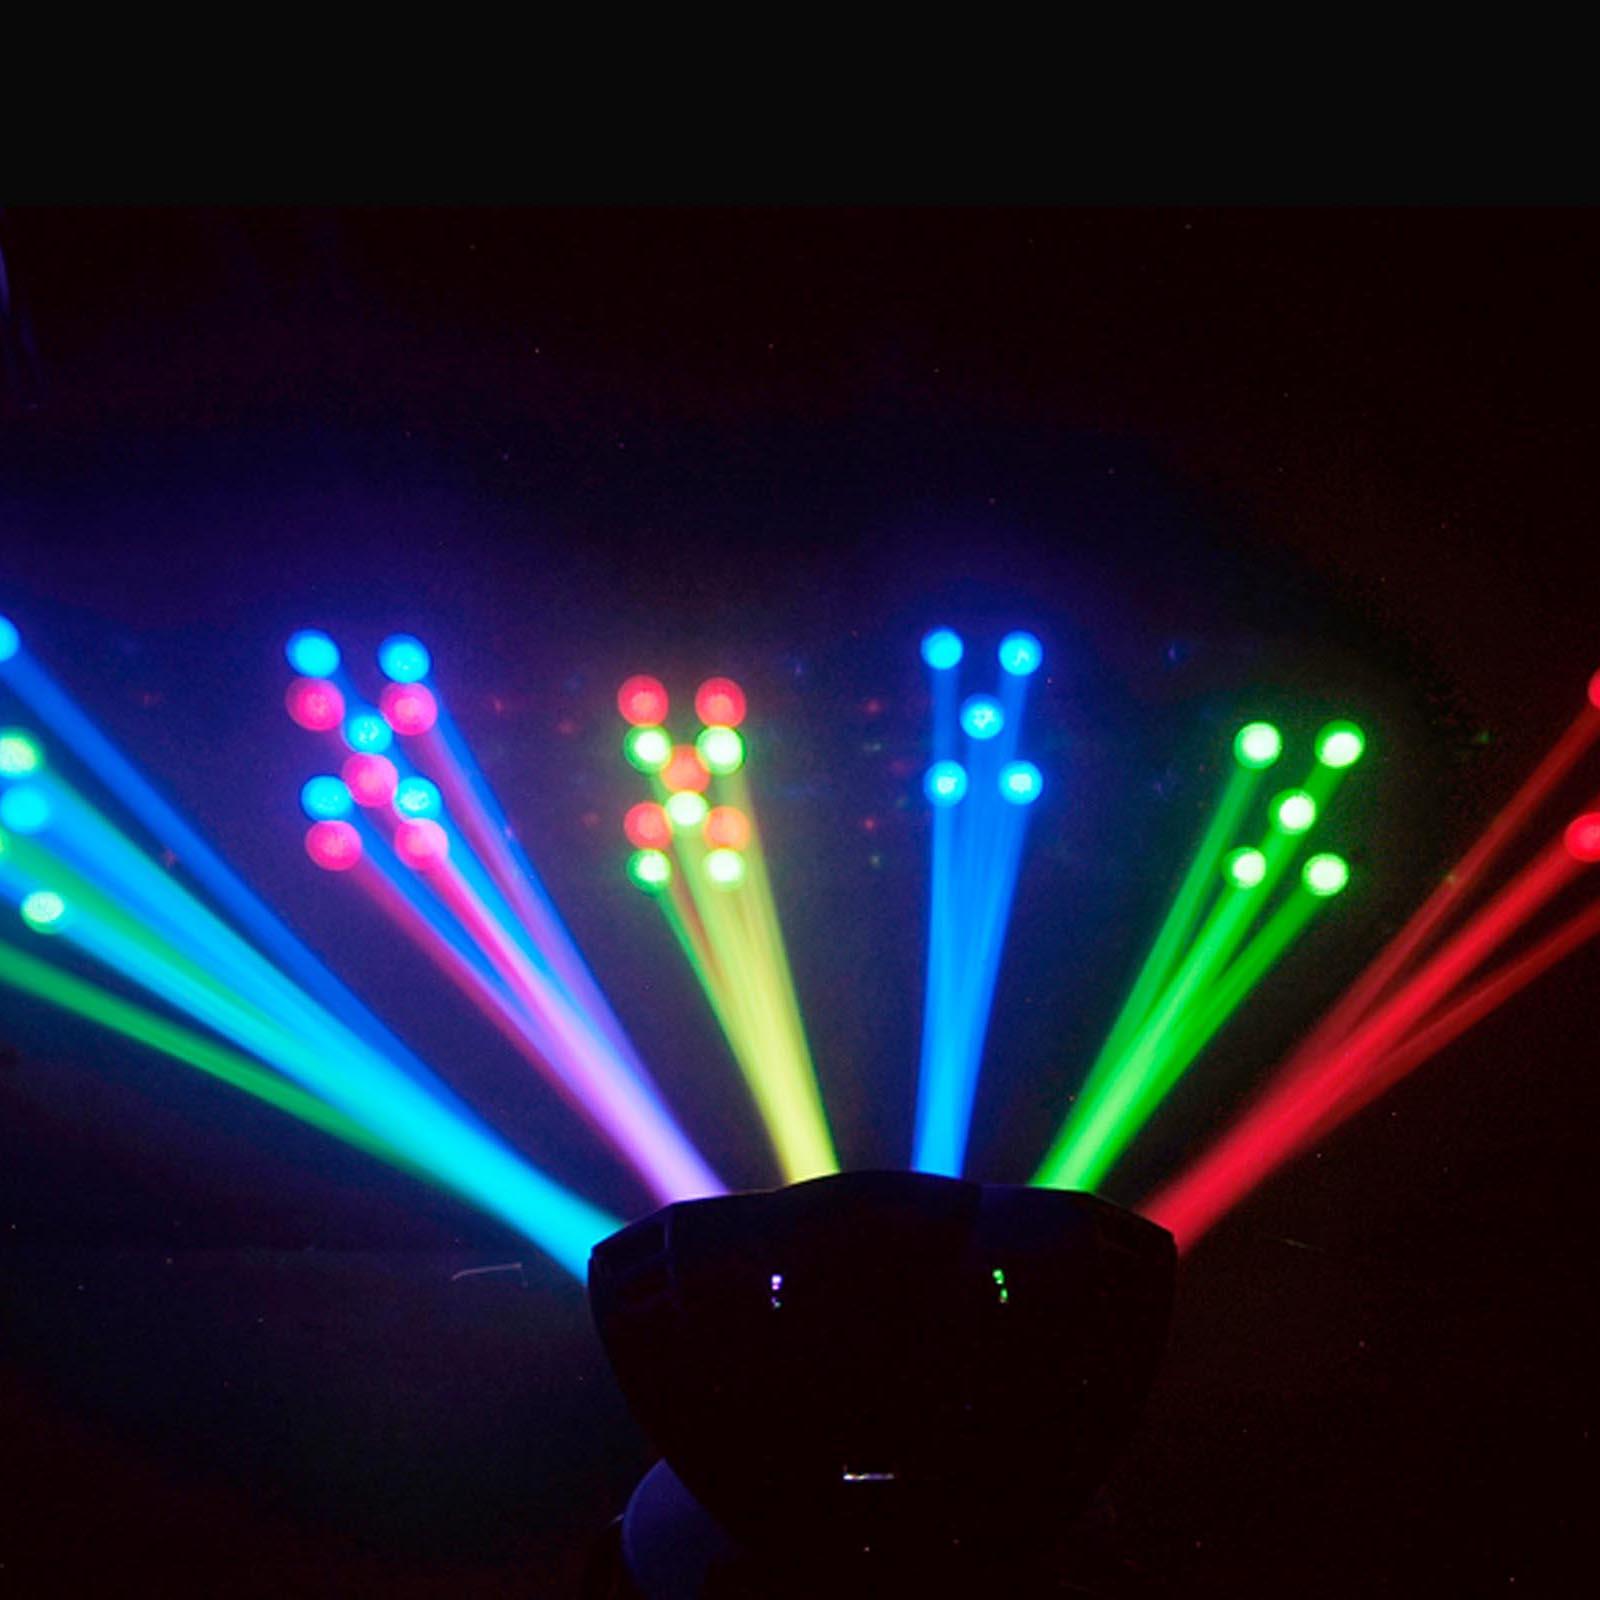 chauvet dj derby x dmx 512 multi colored led rgb strobe dj lighting effect 781462202910 ebay. Black Bedroom Furniture Sets. Home Design Ideas